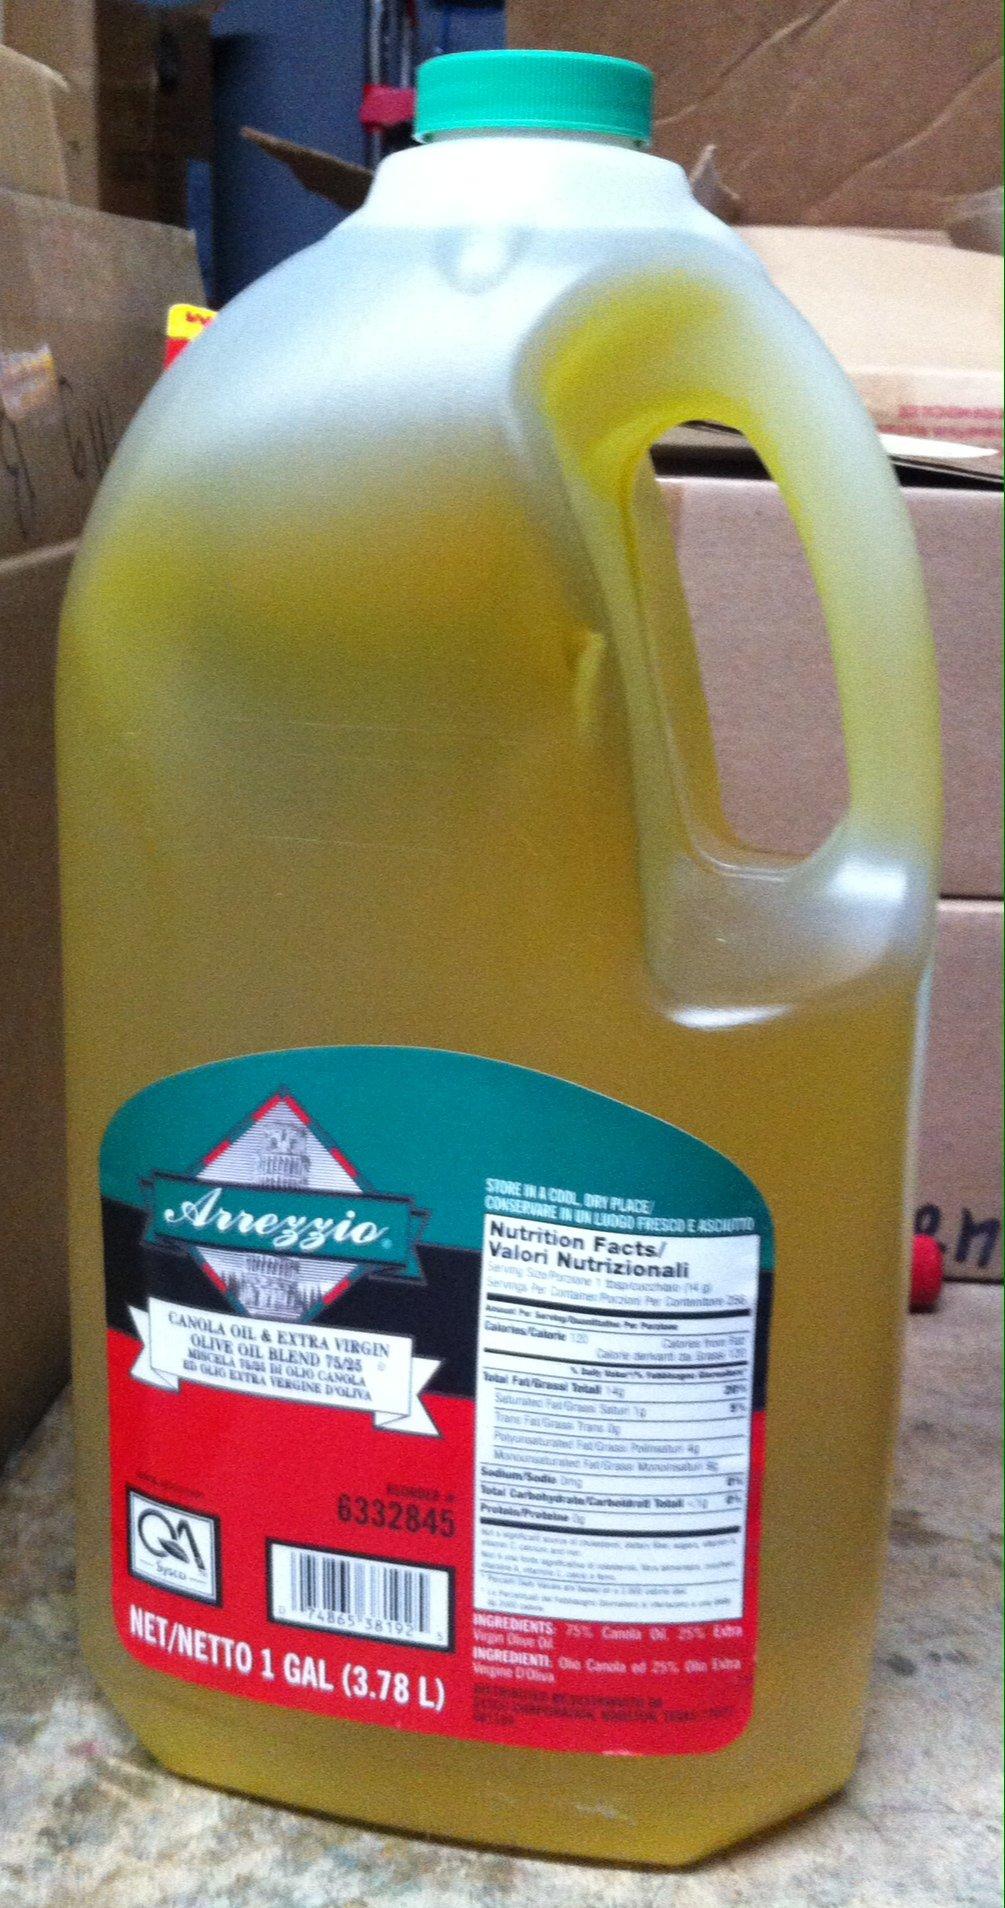 Canola Oil Extra Virgin Olive Oil Blend 75/25